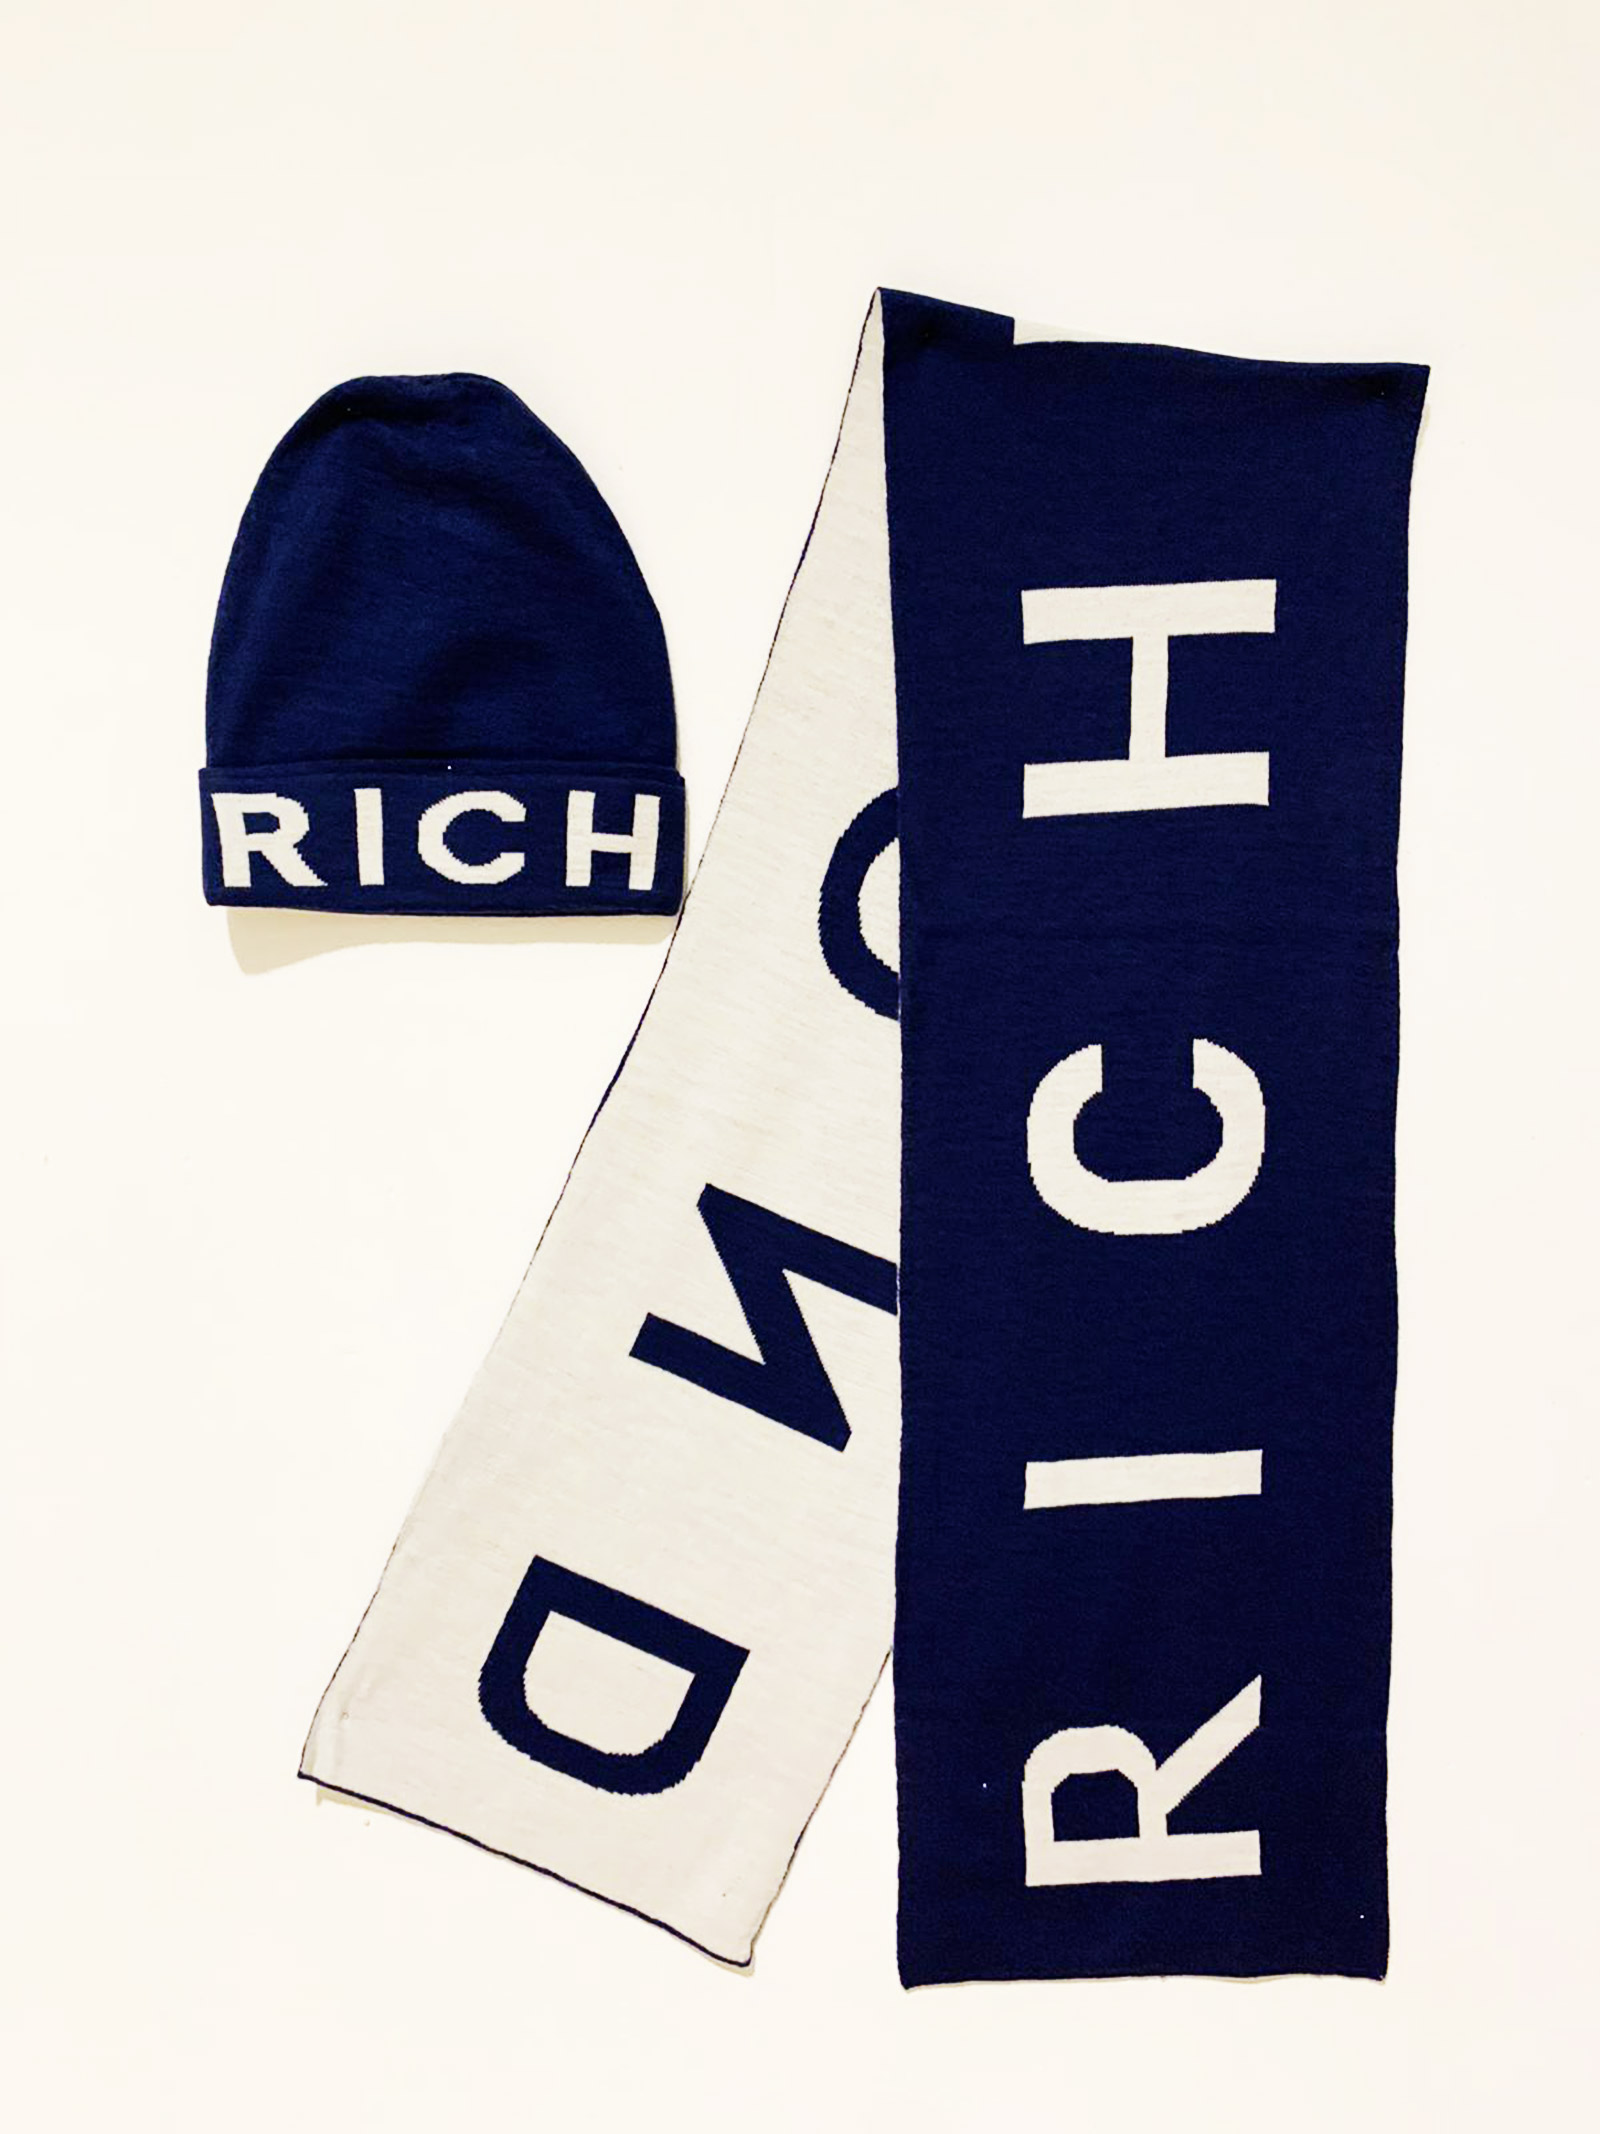 set sciarpa+cappello richmond John richmond | Sciarpa + cappello | HMA20135HSW7137